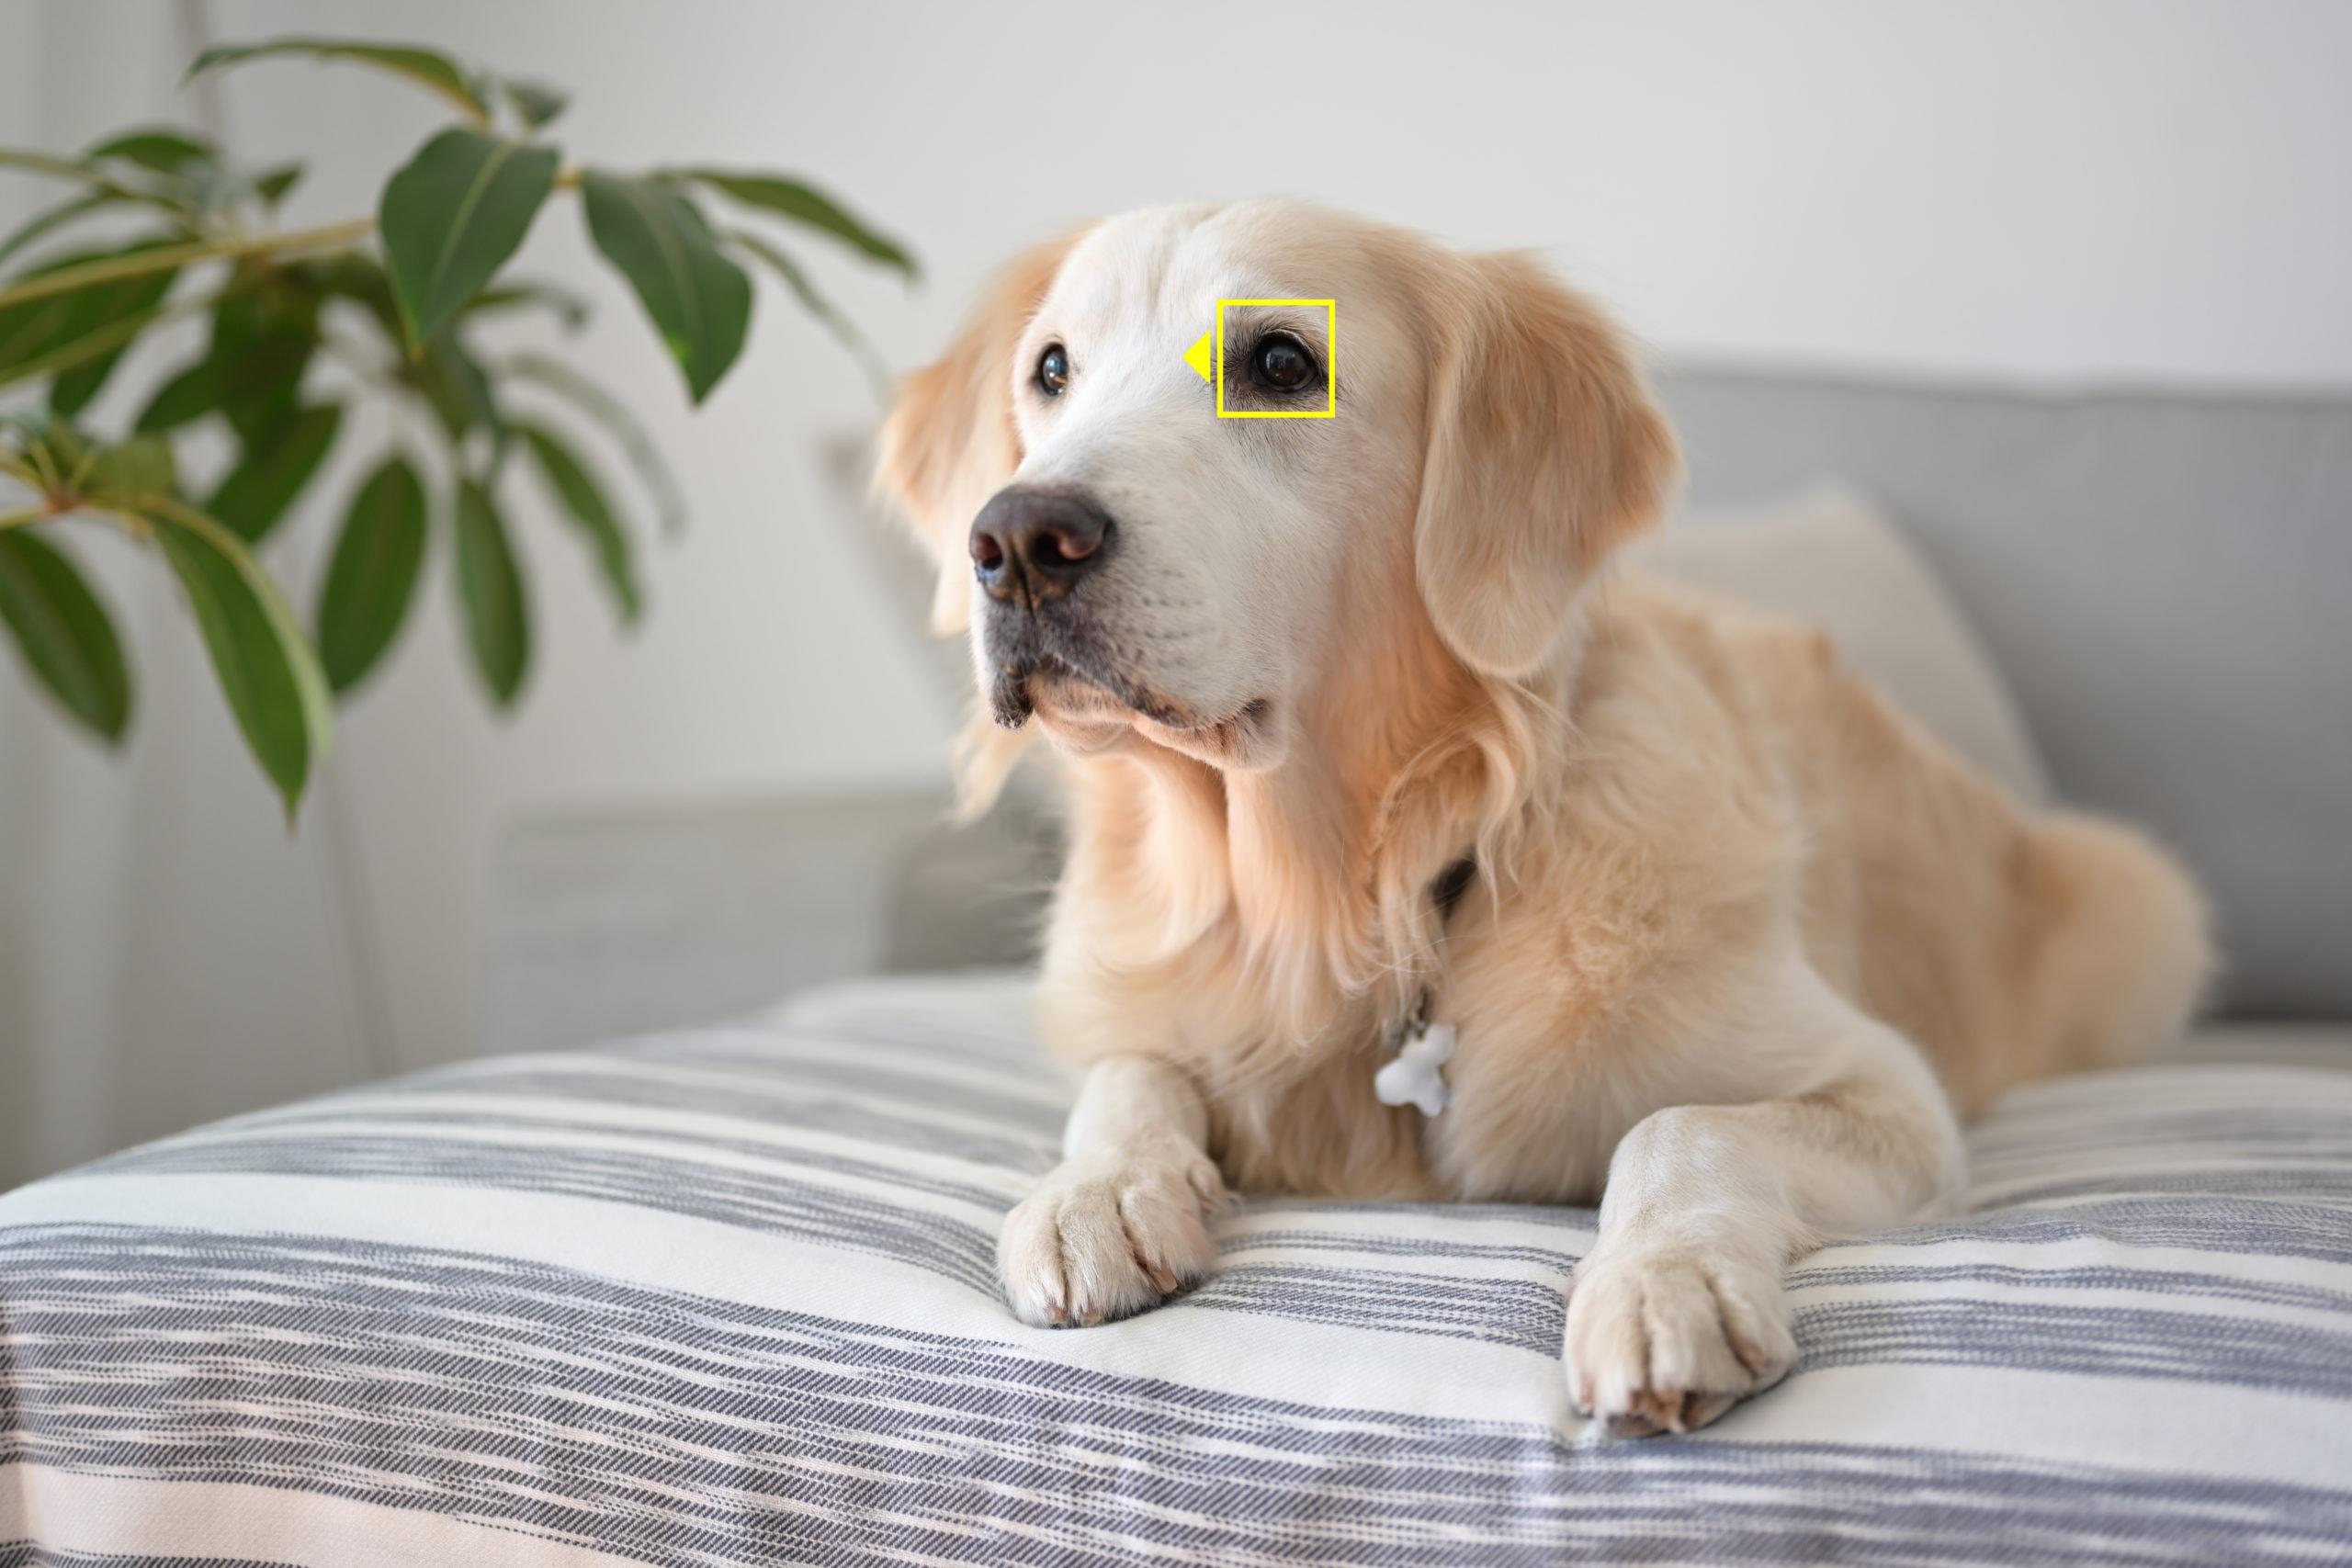 Tierautofokus bei Nikon Z7 / Z6 - Hund | Quelle: Nikon GmbH